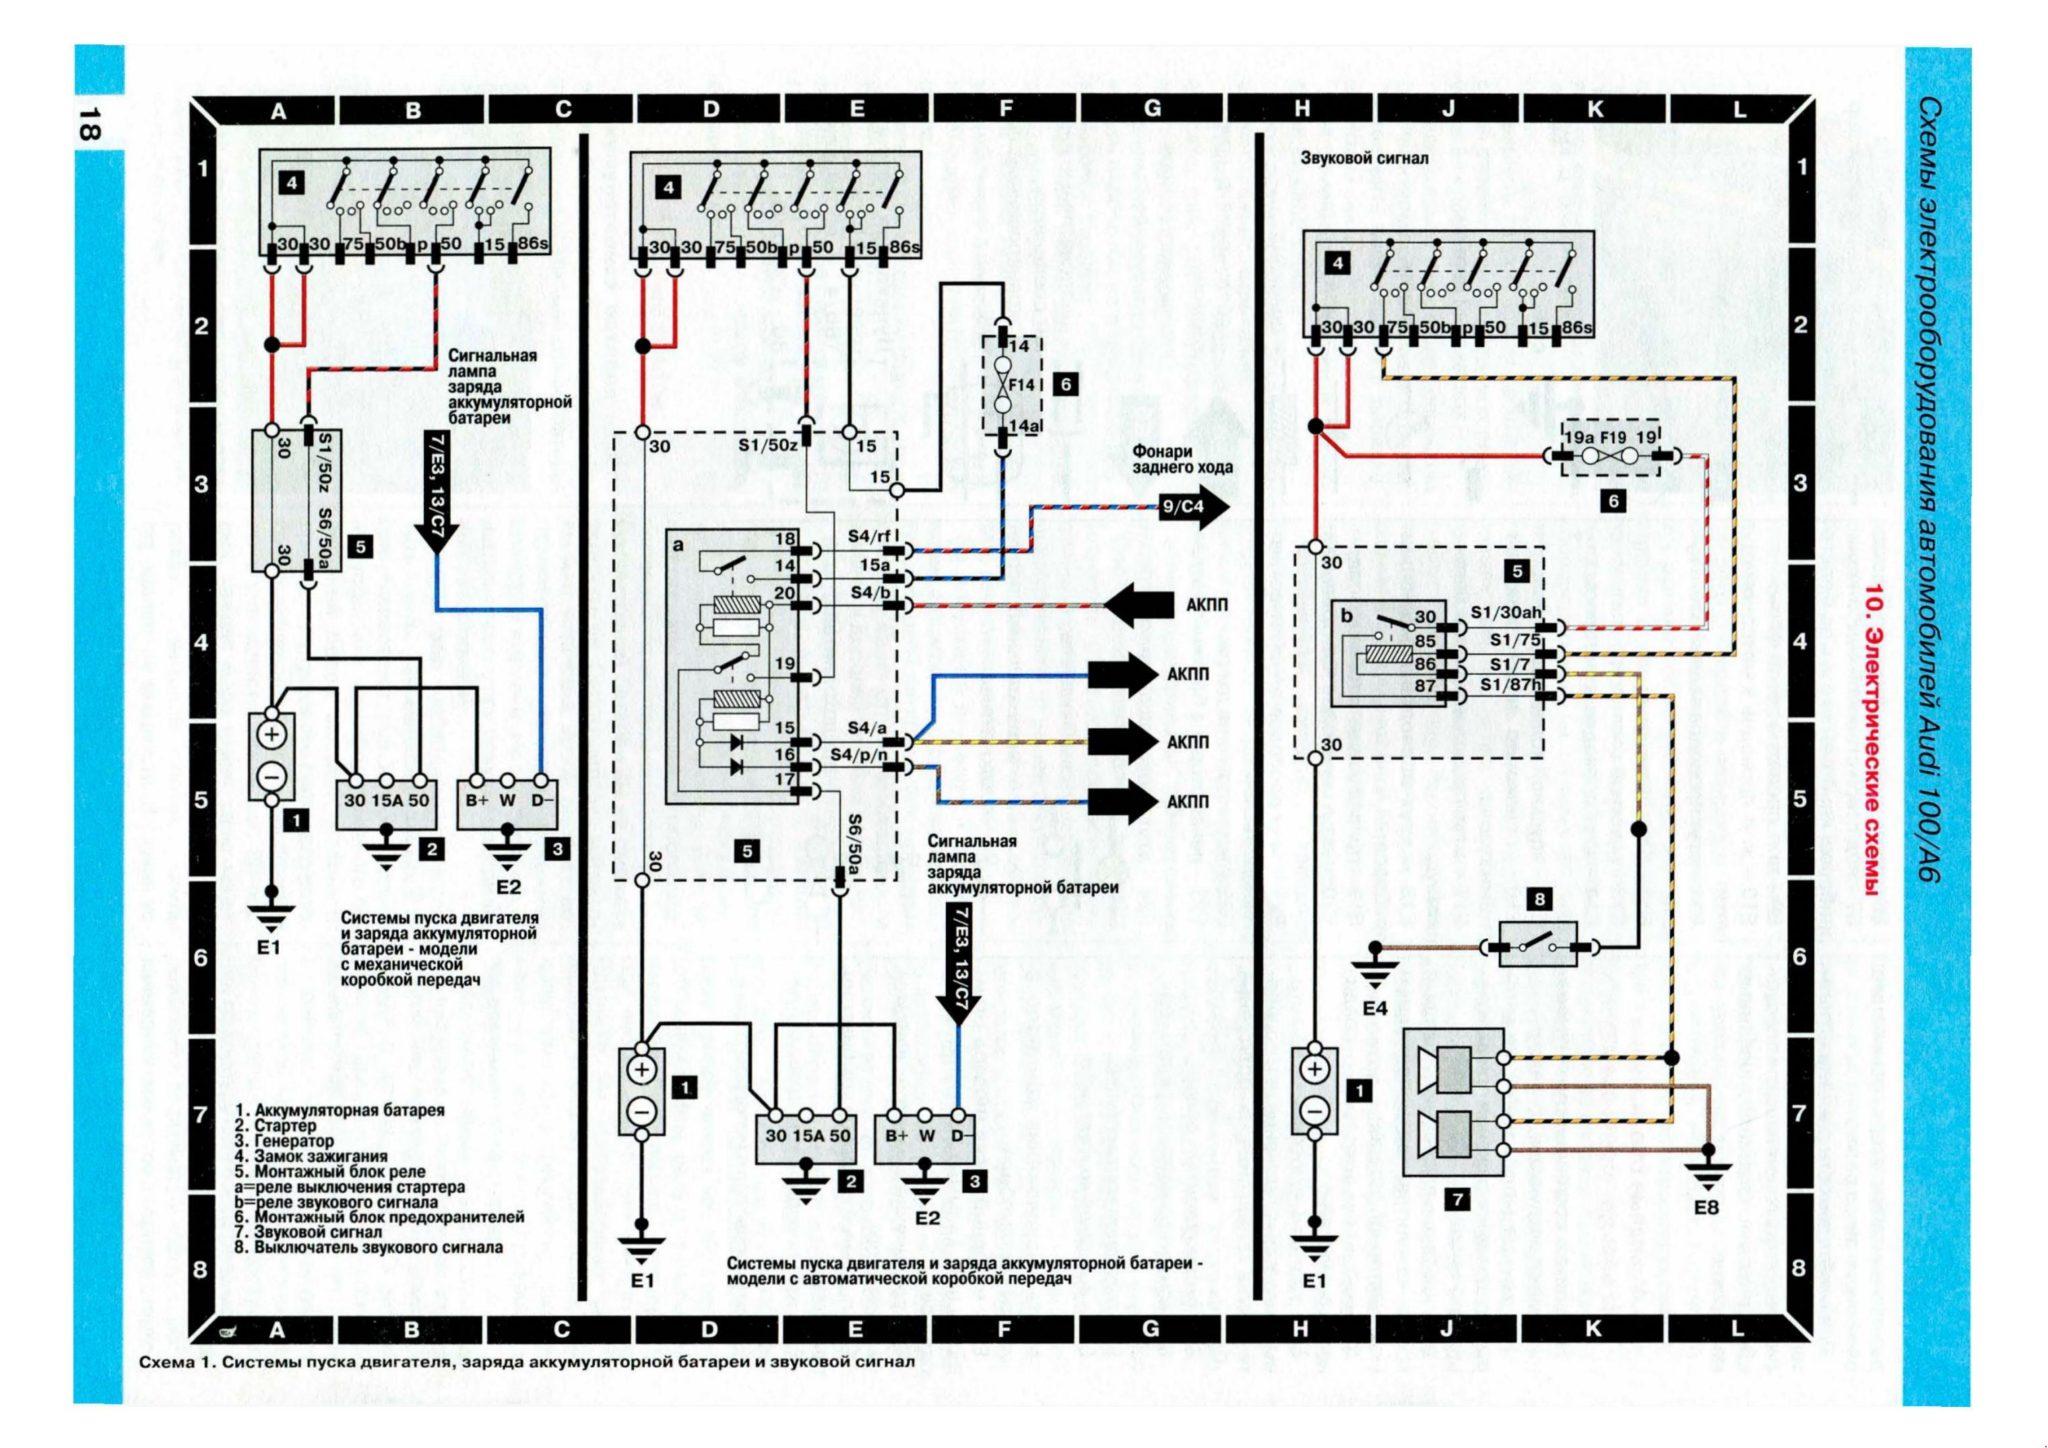 Ауди 100 45 электрическая схема